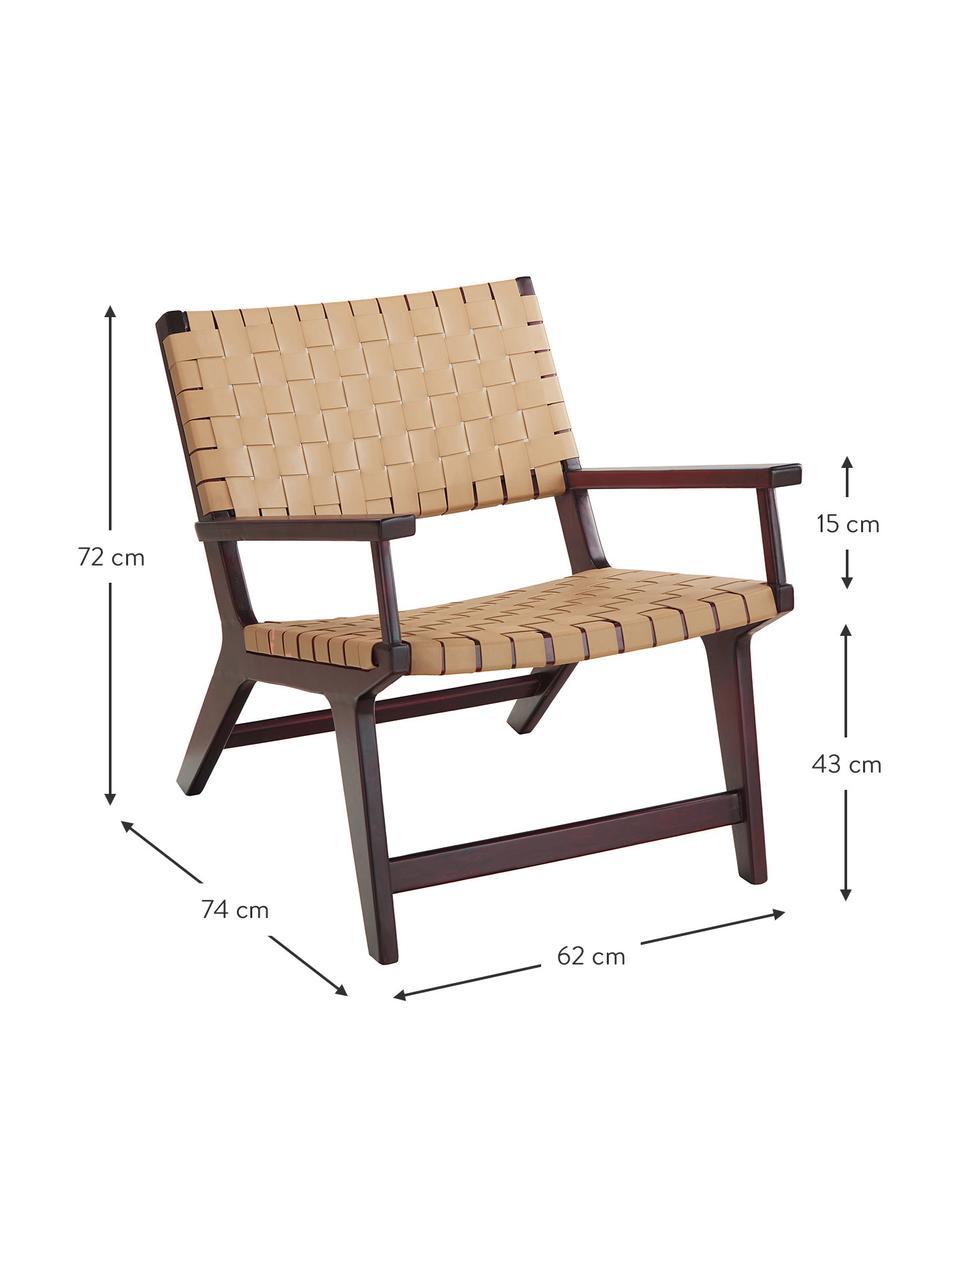 Poltrona in similpelle e legno Akina, Seduta: similpelle (100% poliuret, Struttura: legno massiccio di acacia, Beige, Larg. 62 x Prof. 74 cm